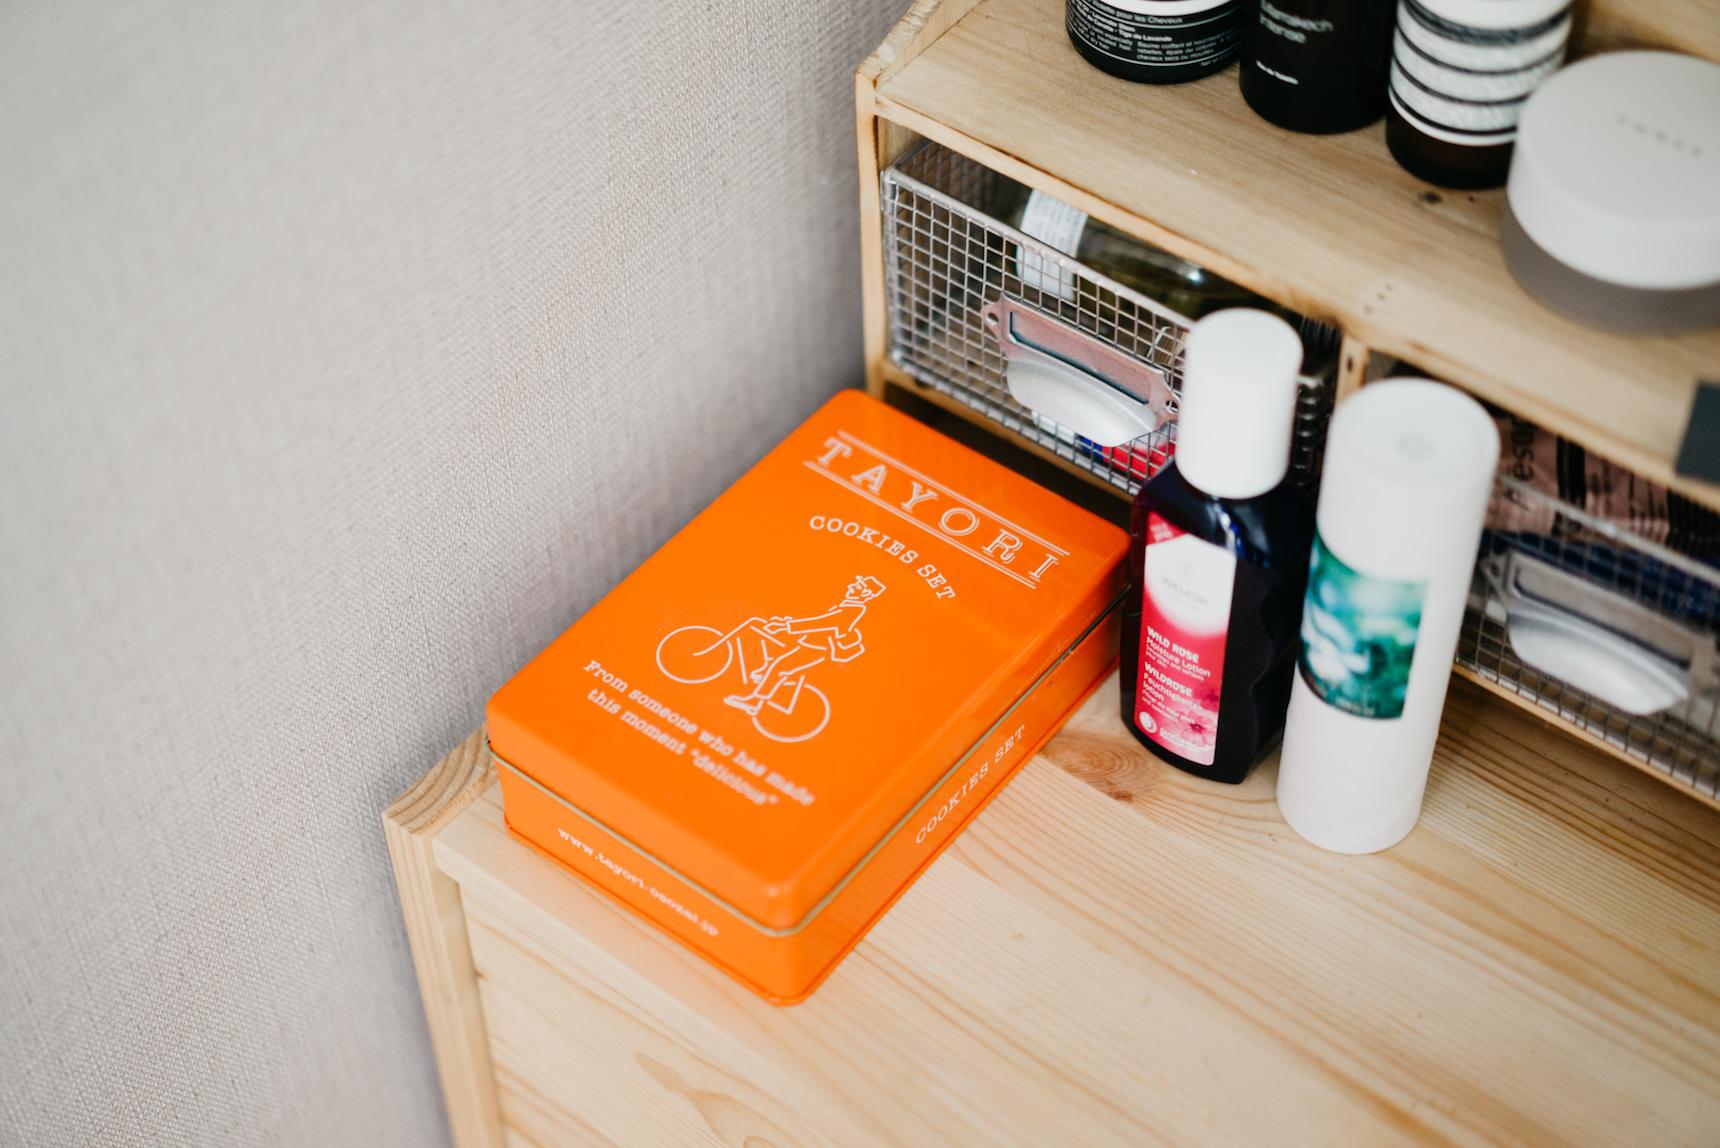 クッキー缶などを収納に用いることも。こちらは、谷中にあるTAYORIのもの。(TAYORI紹介記事はこちら https://www.goodrooms.jp/journal/?p=30185)